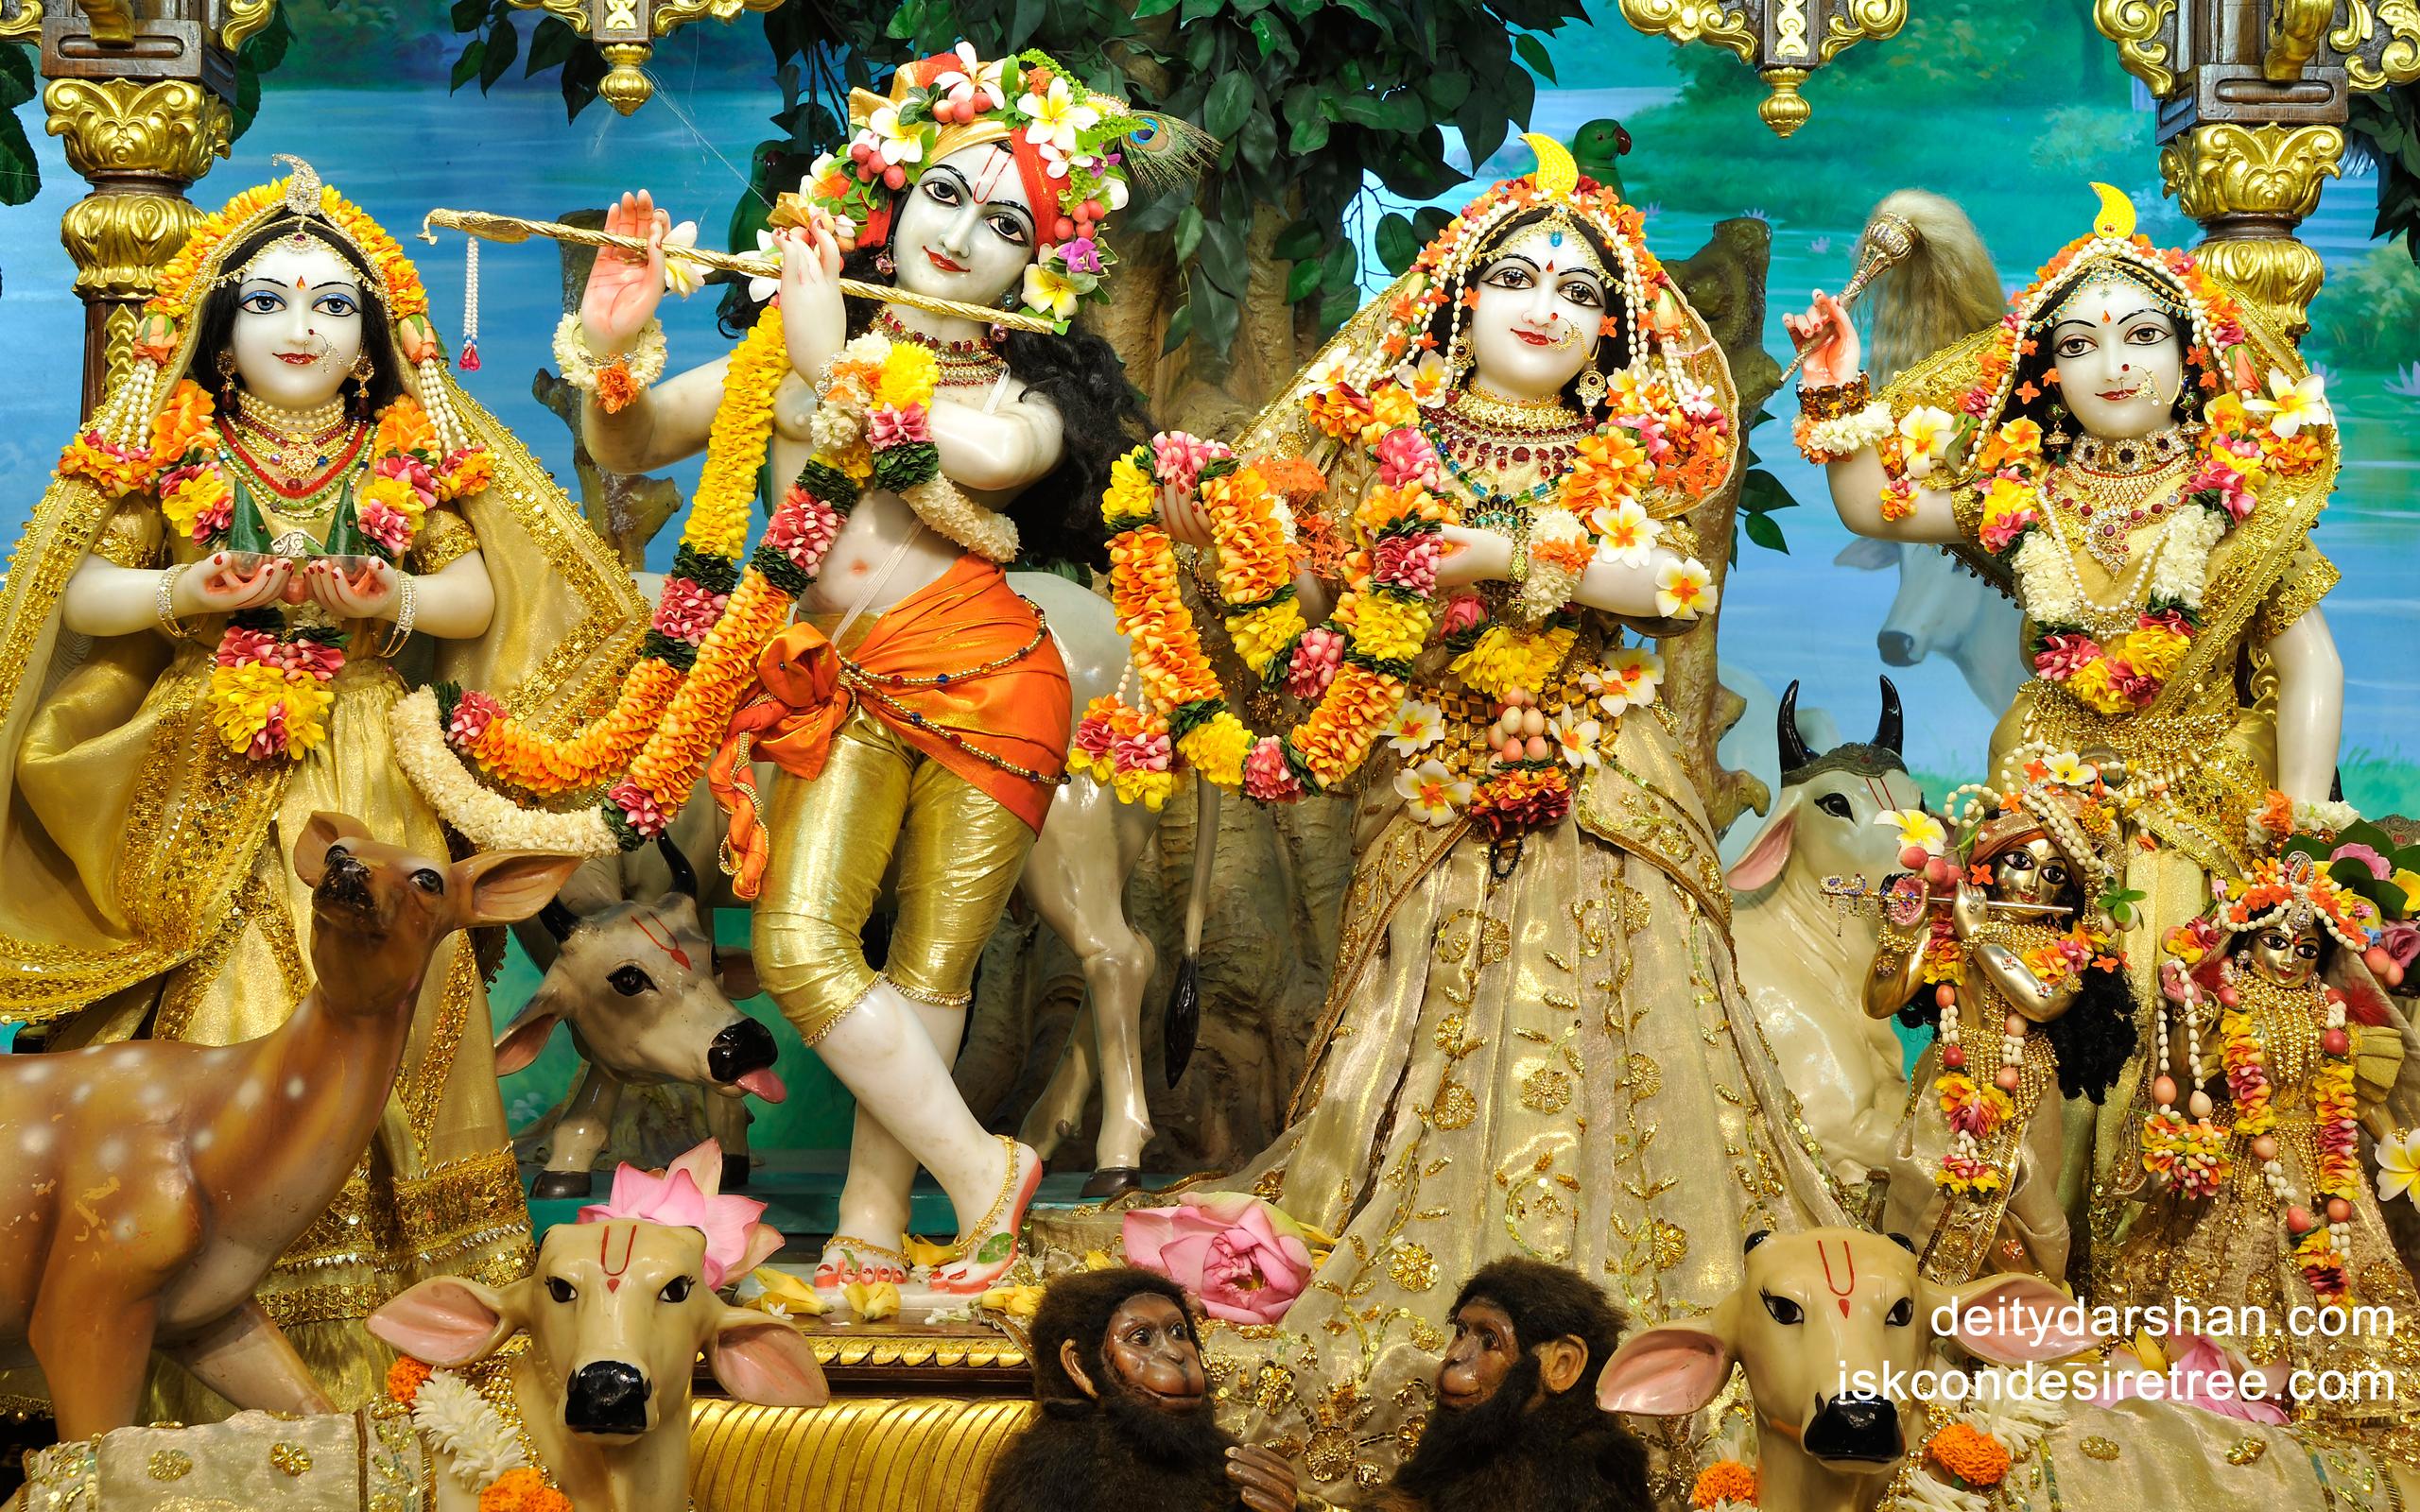 Sri Sri Radha Gopinath Lalita Vishakha Wallpaper (023) Size 2560x1600 Download